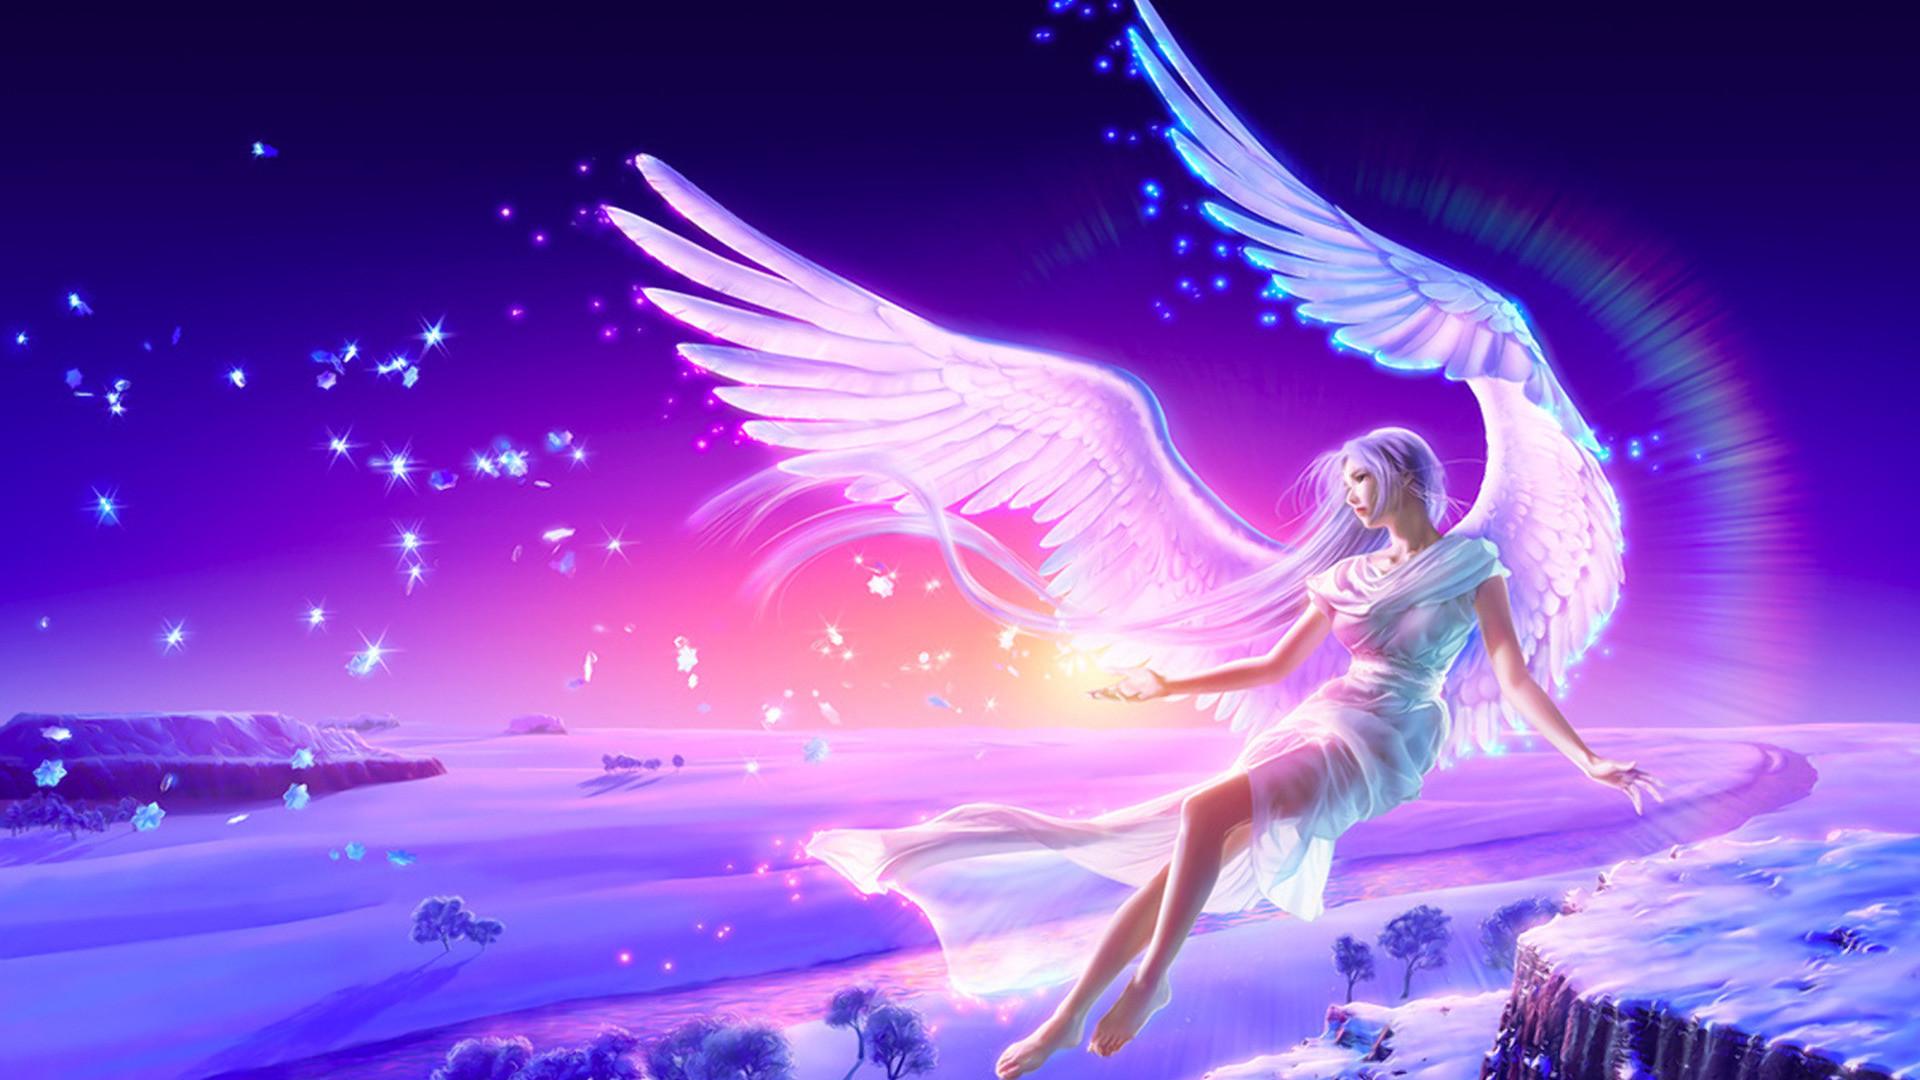 свои ангел картинки фантазия красивый день